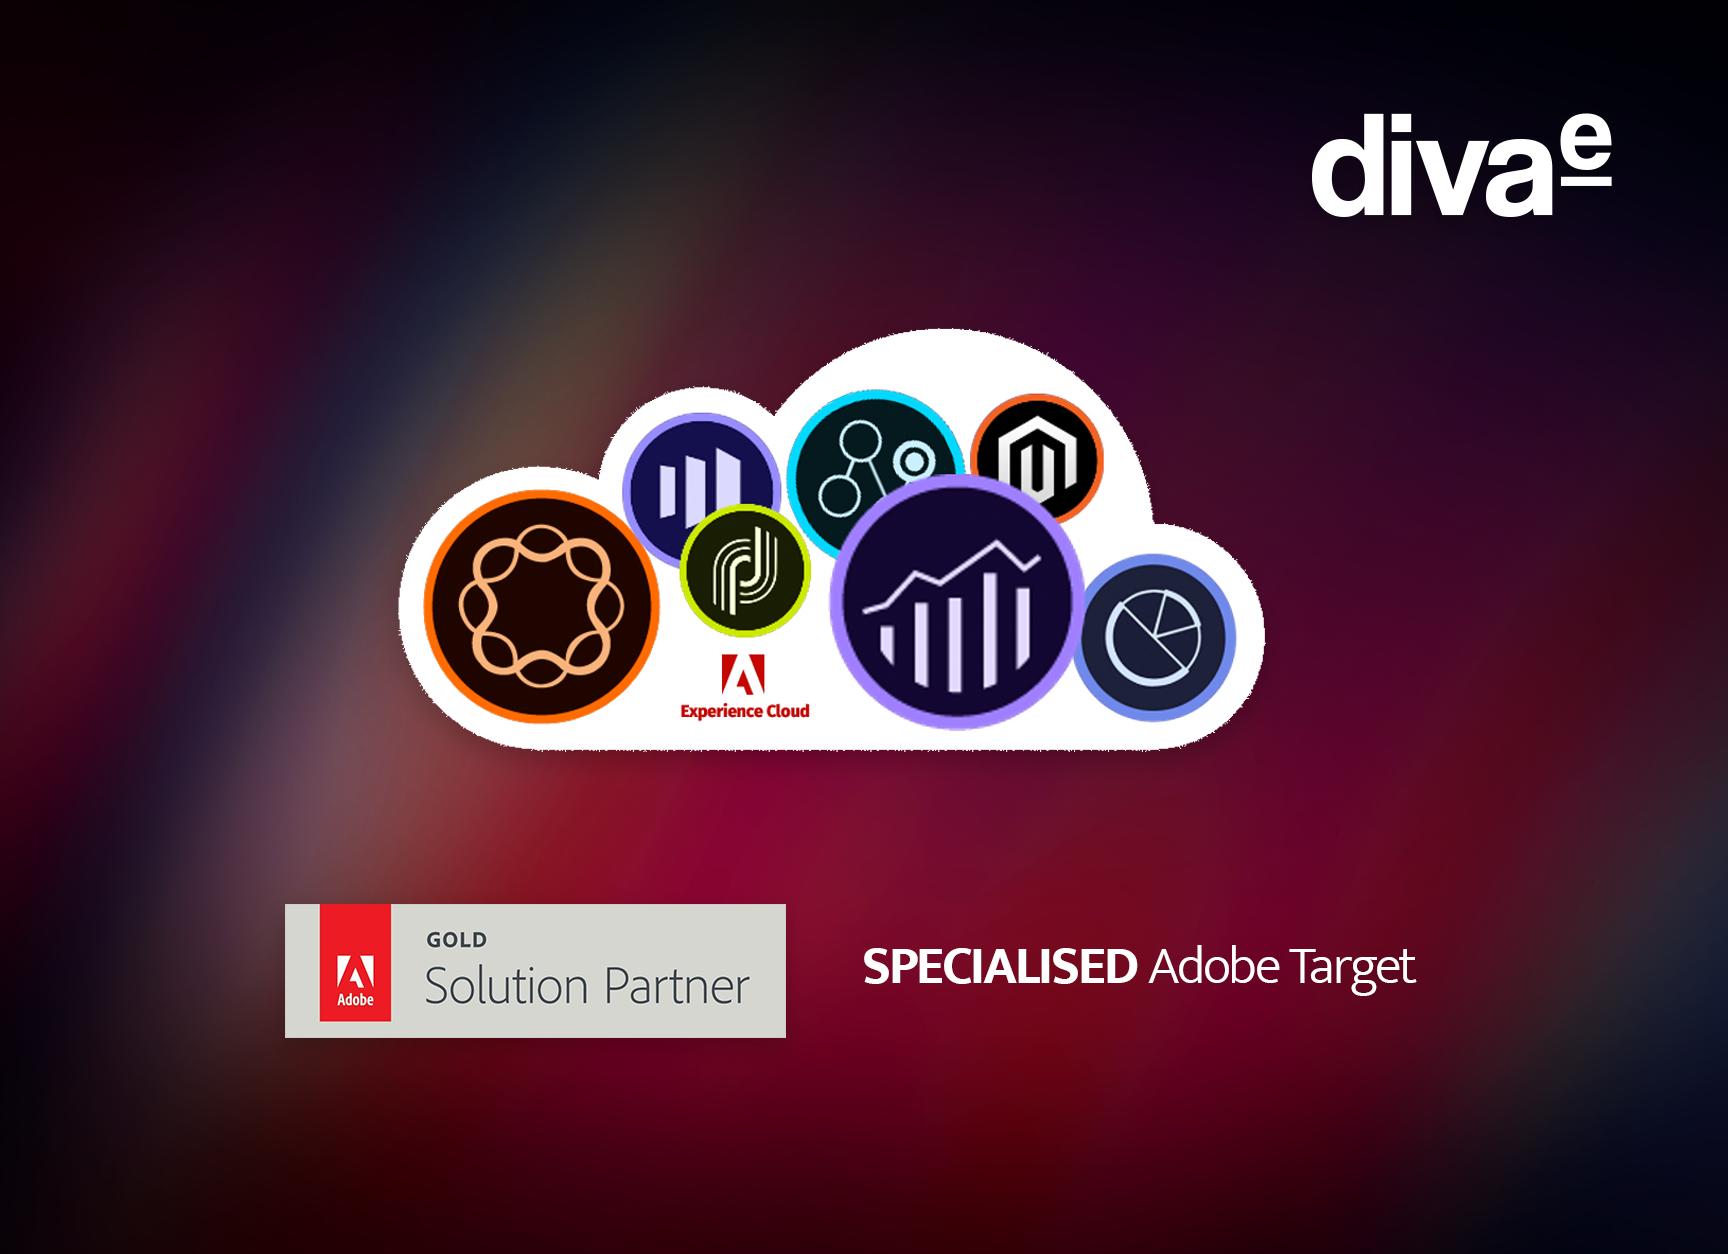 diva-e erhält erstmals Adobe Target Spezialisierung